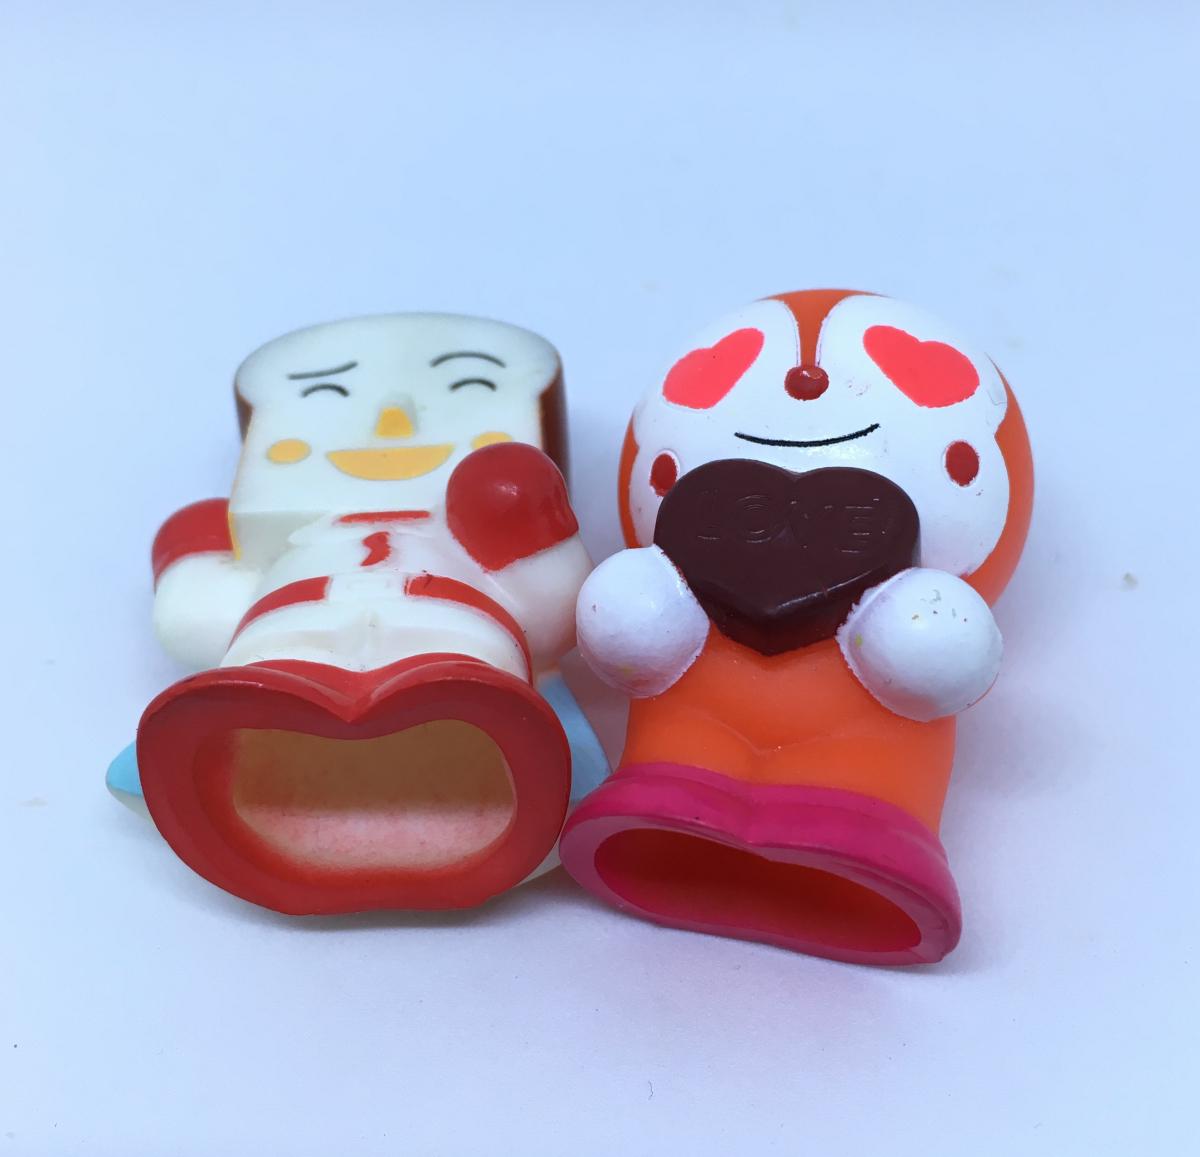 アンパンマン 指人形 ドキンちゃん チョコレート しょくぱんまん ハート バレンタインデー